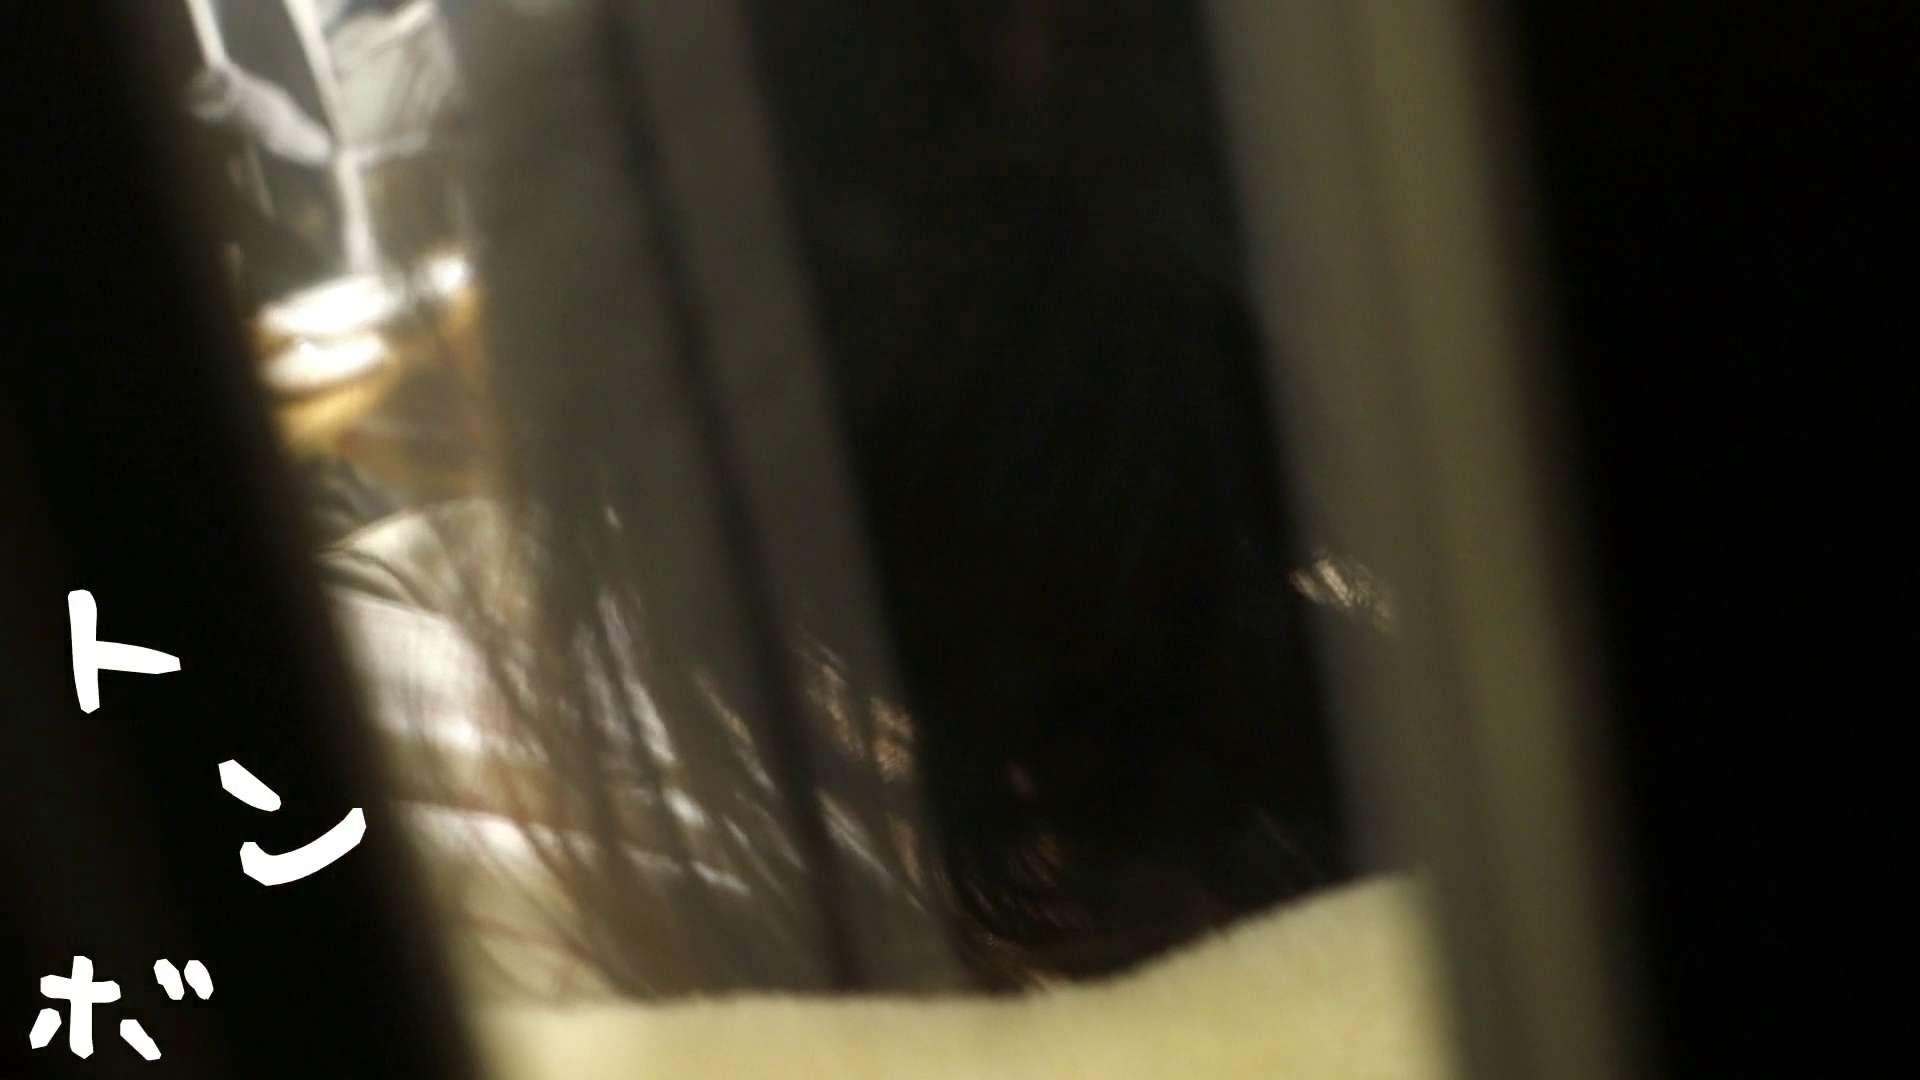 ▲2017_08位▲ 【02位 2016】盗撮美人女子大プライベートSEX 盗撮  73pic 30